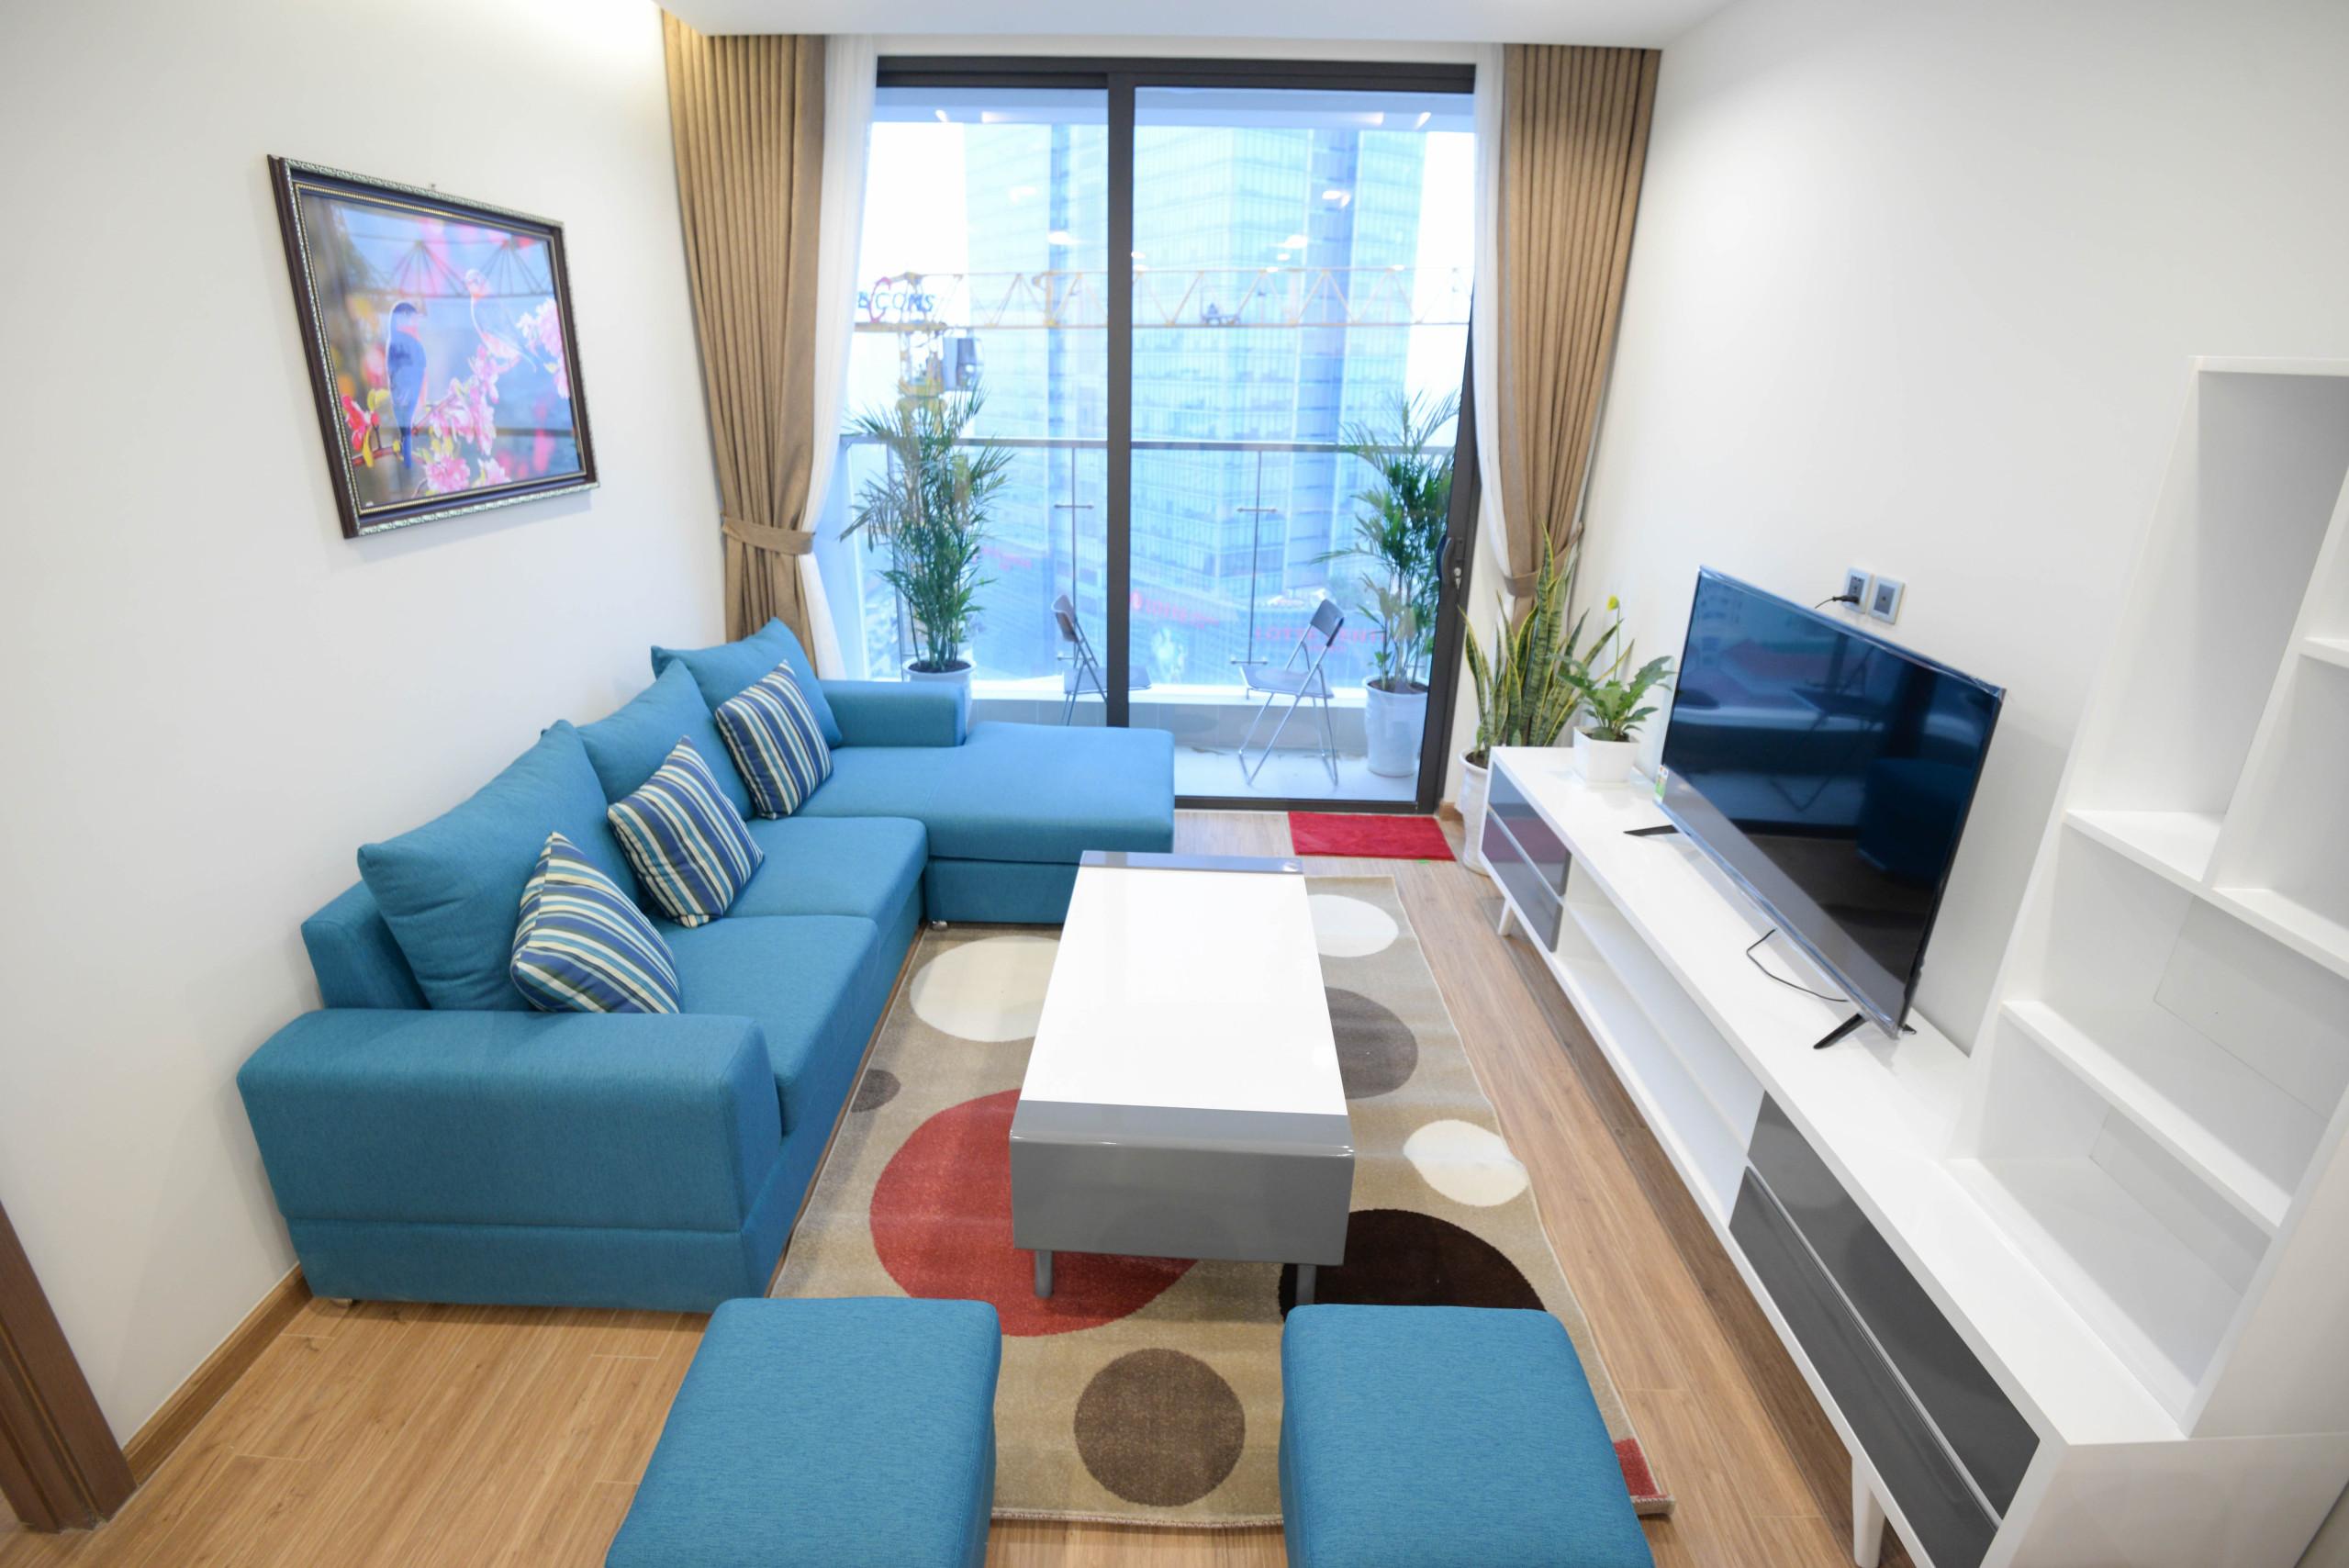 2 bedroom beautiful Metropolis apartment Lieu Giai